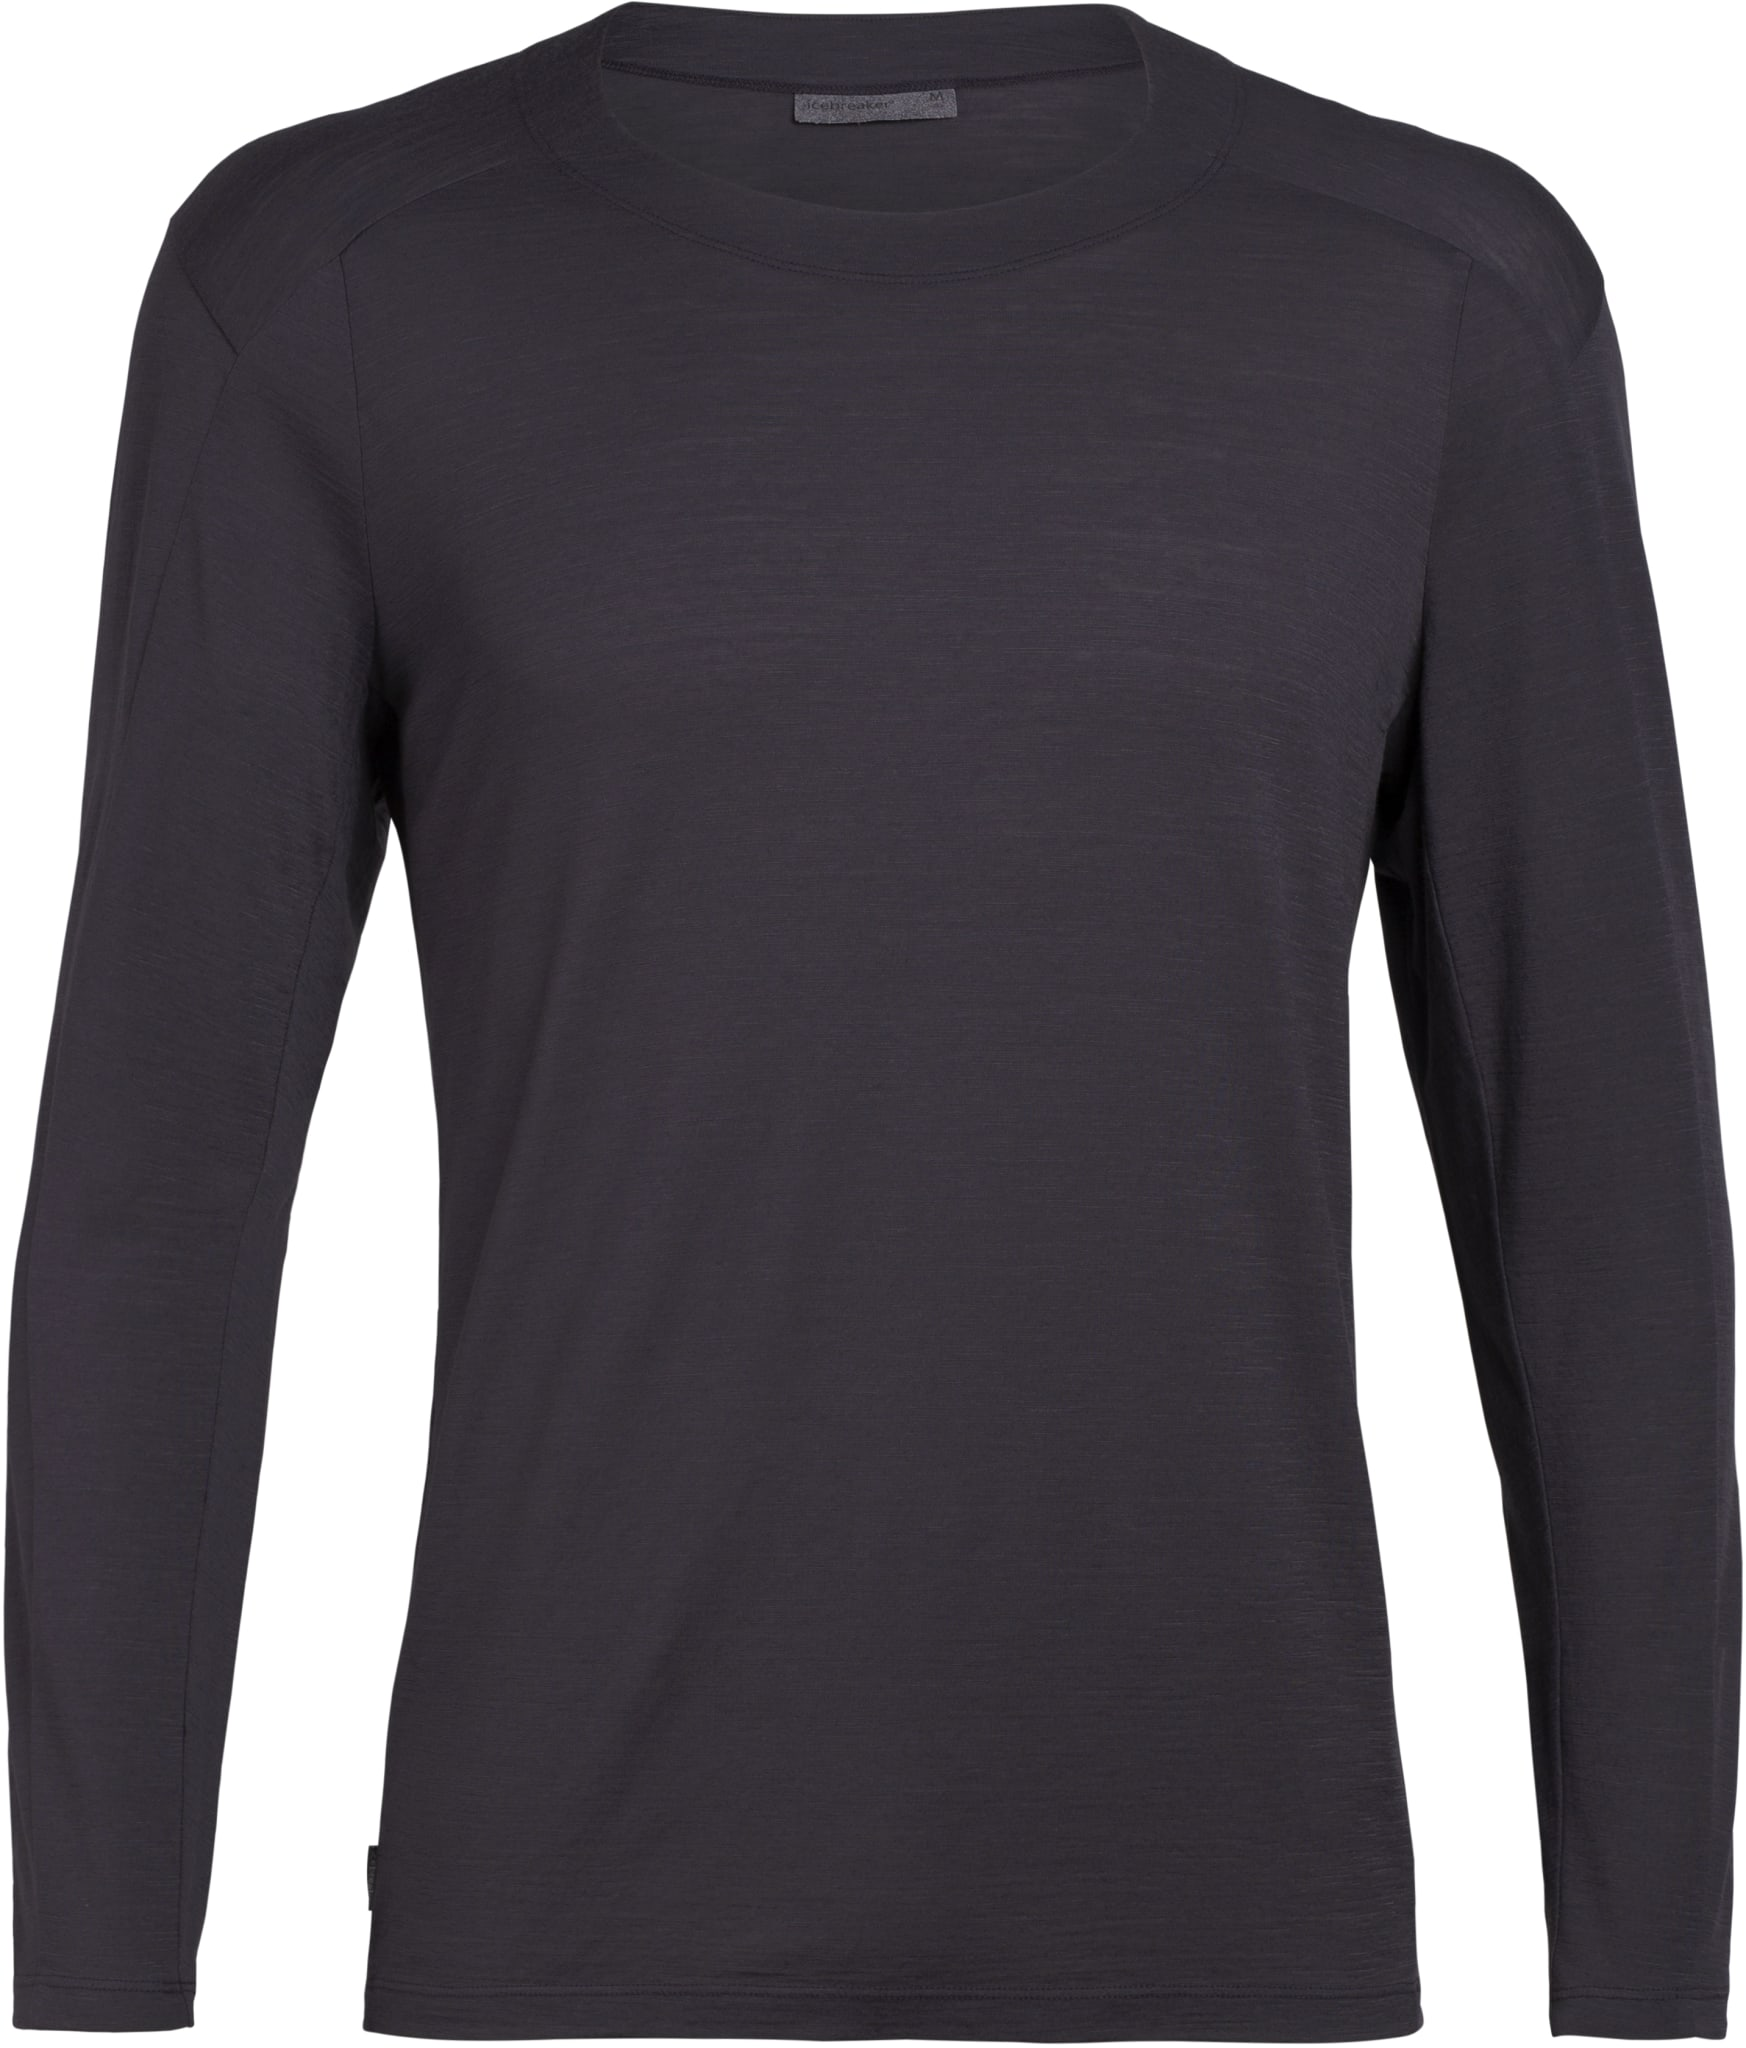 Lett og luftig langermet skjorte i merinoull med stilig utseende